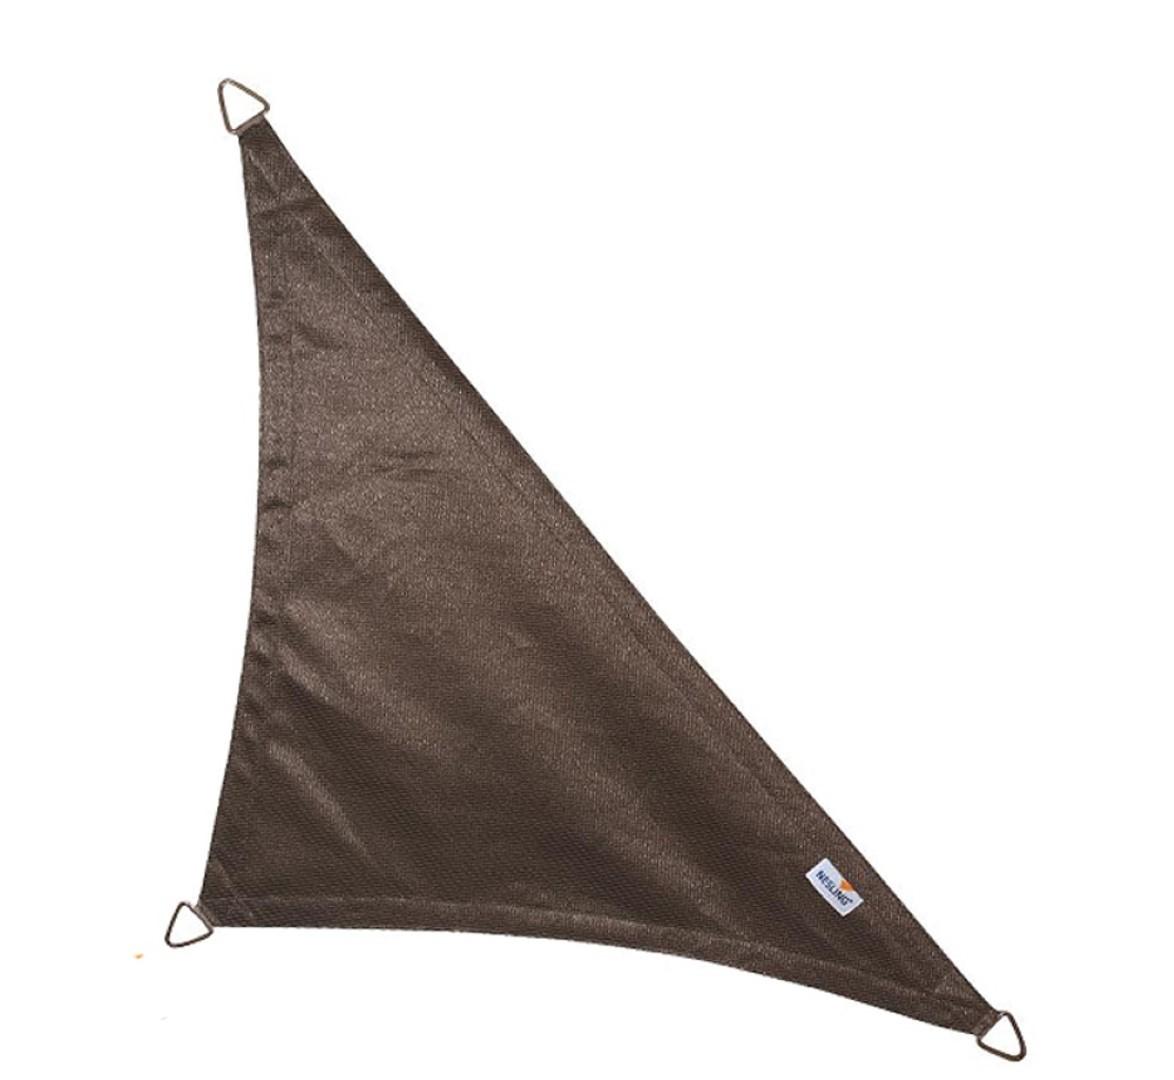 Driehoek 90 , 5,0 x 5,0 x 7,1m, Antraciet